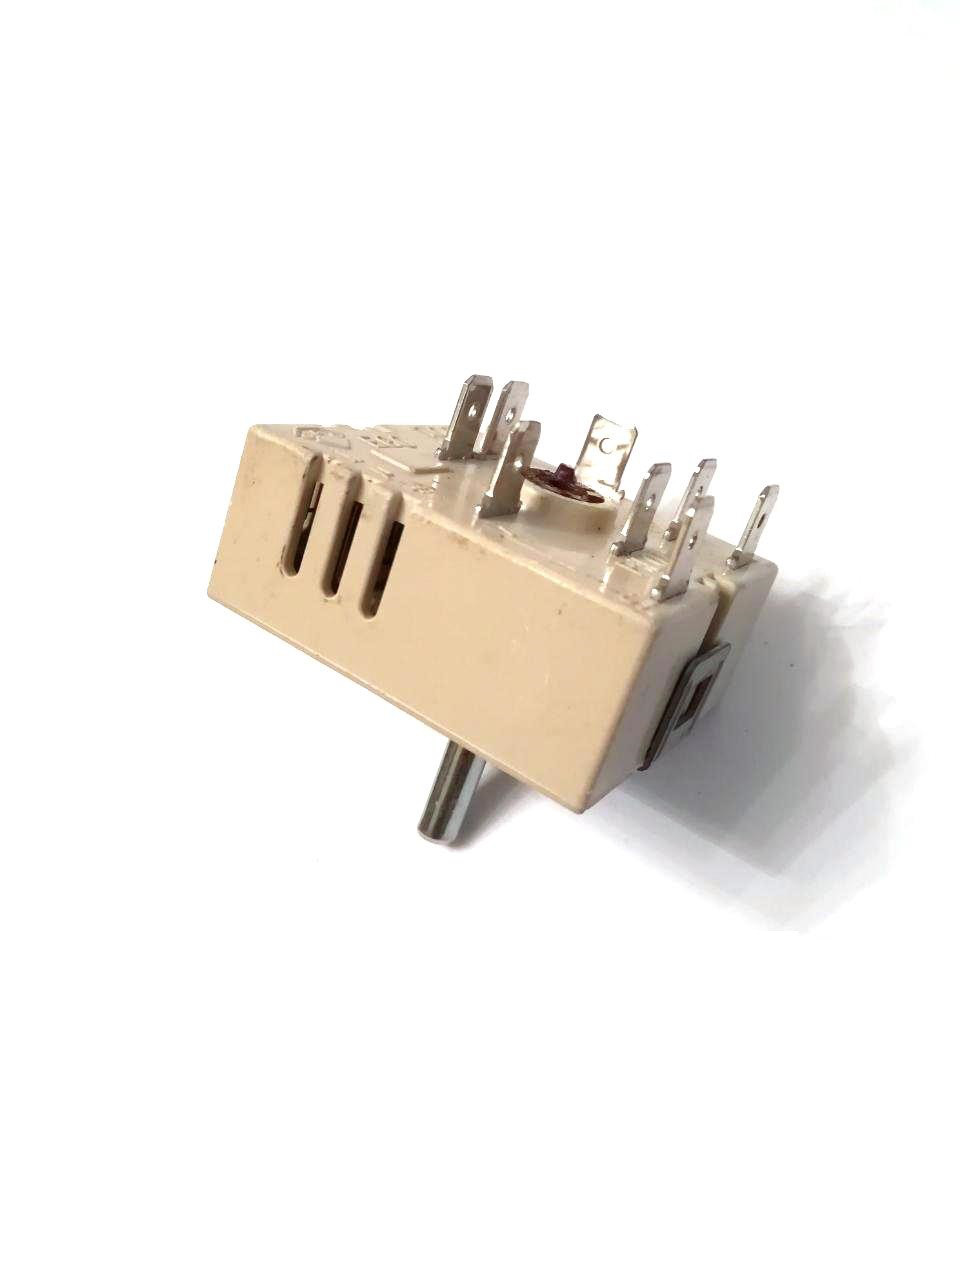 Переключатель мощности 50.57021.010 для стеклокерамических поверхностей EGO / Германия